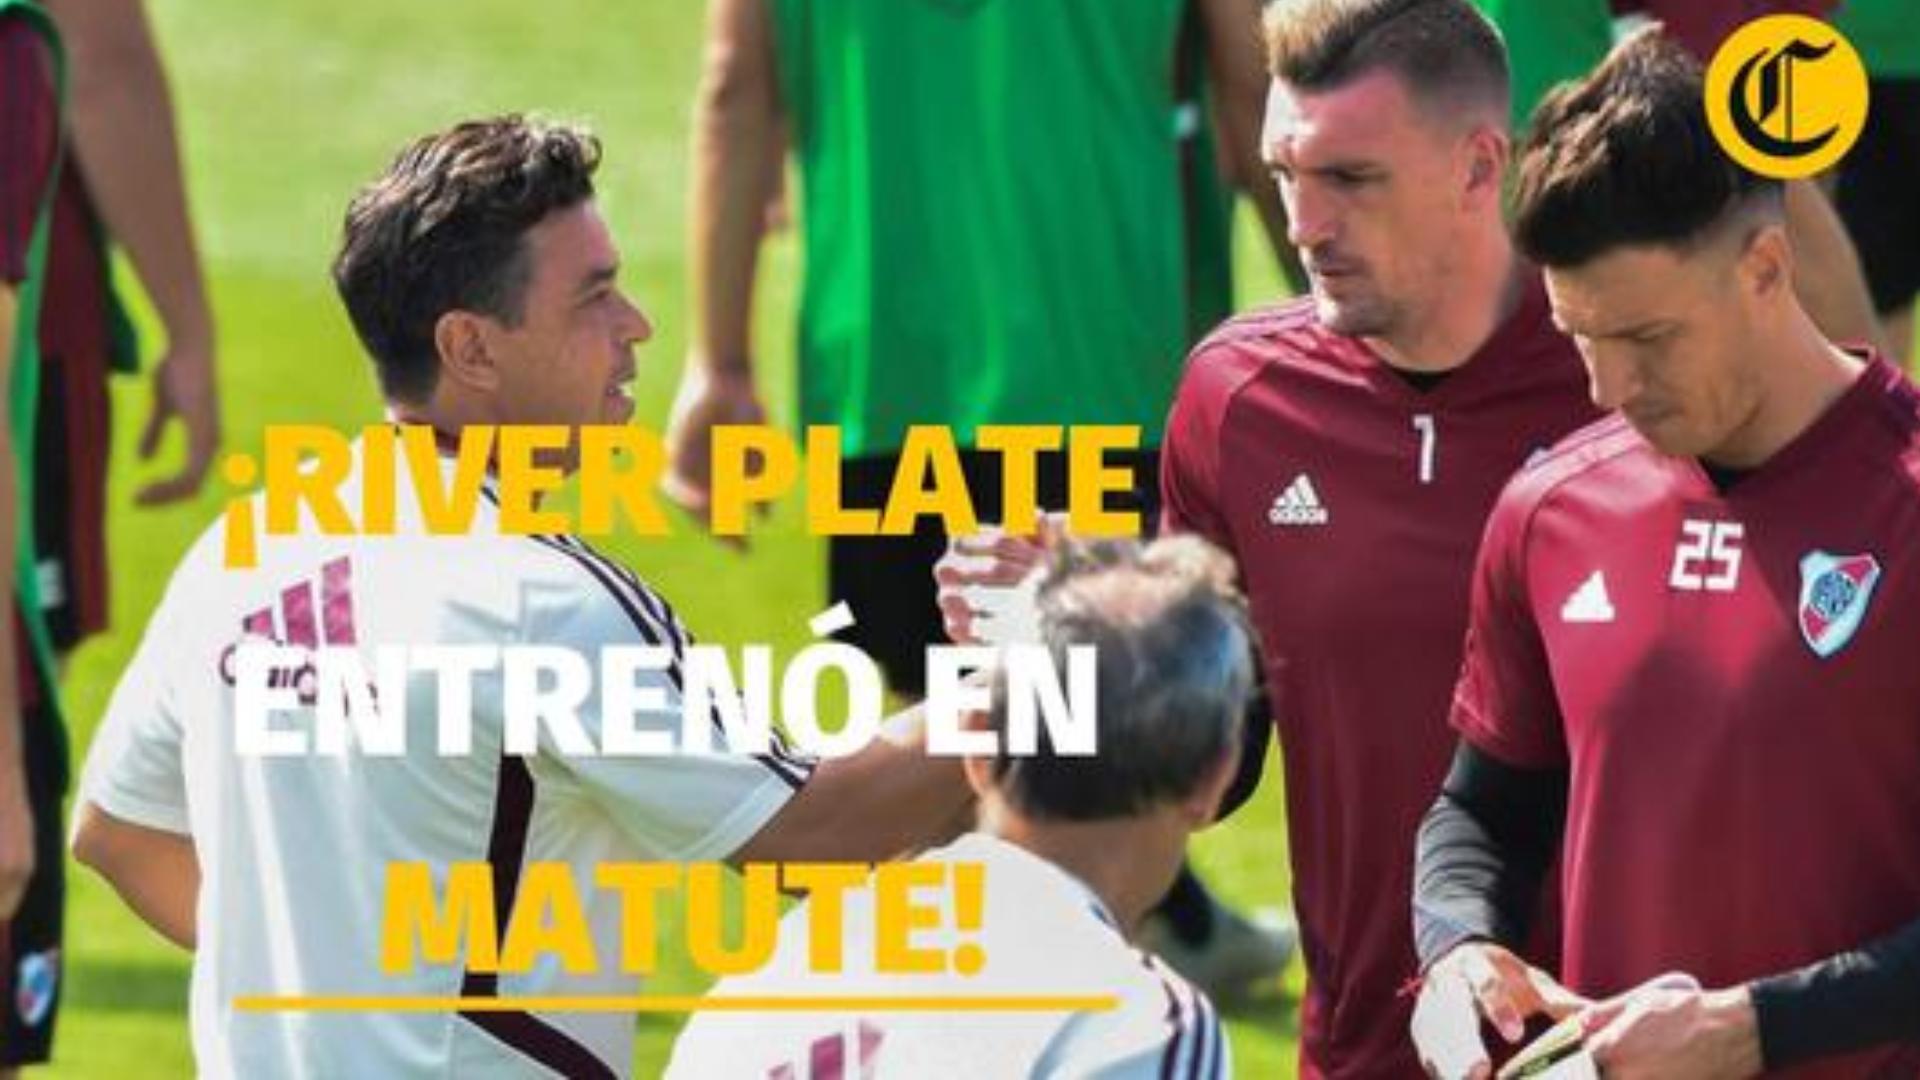 Copa Libertadores: así fue el primer entrenamiento de River Plate en Matute